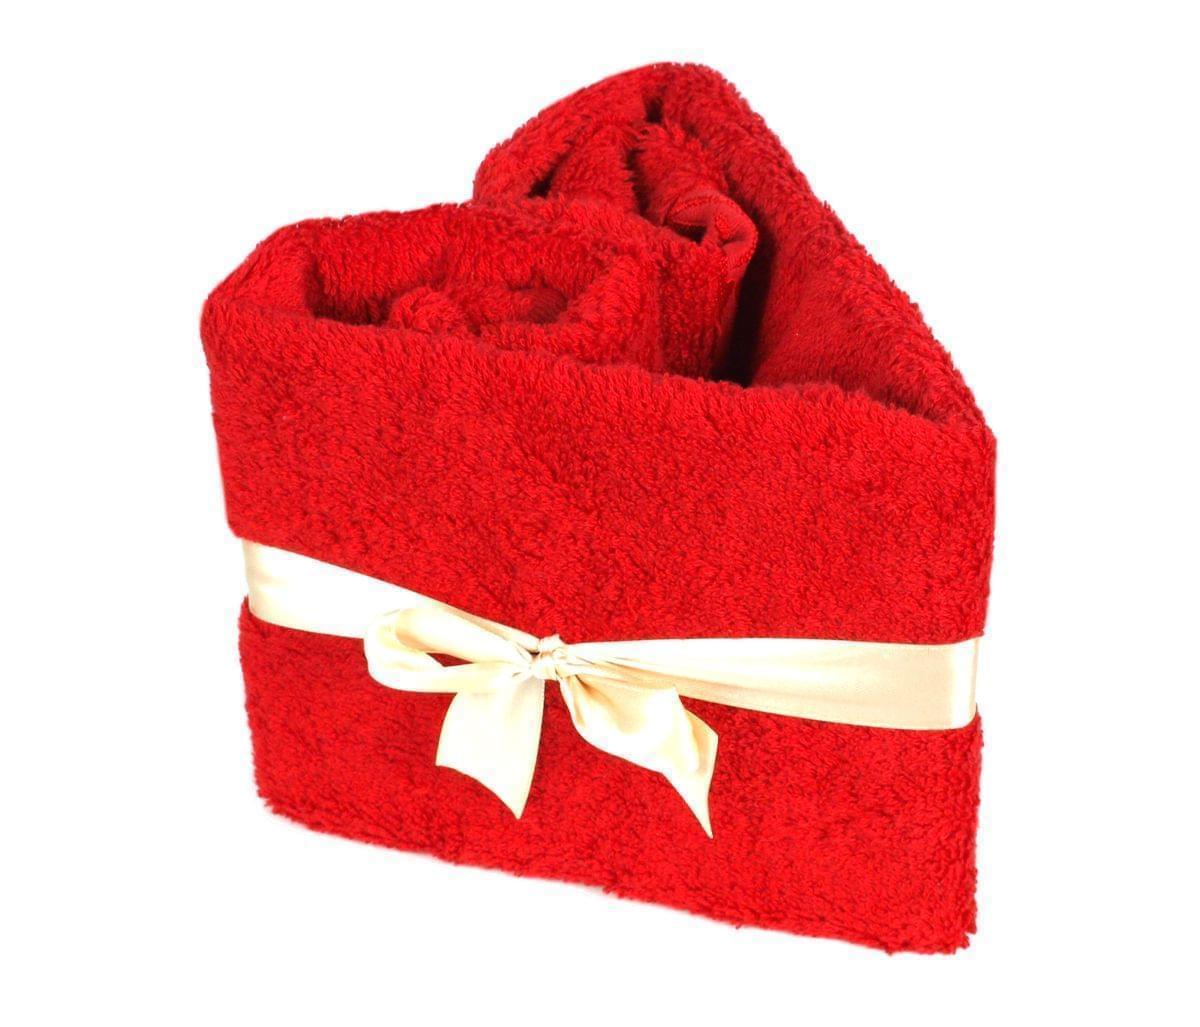 Forbyt, Srdce ručníkové, Simple Bambus Line, červené